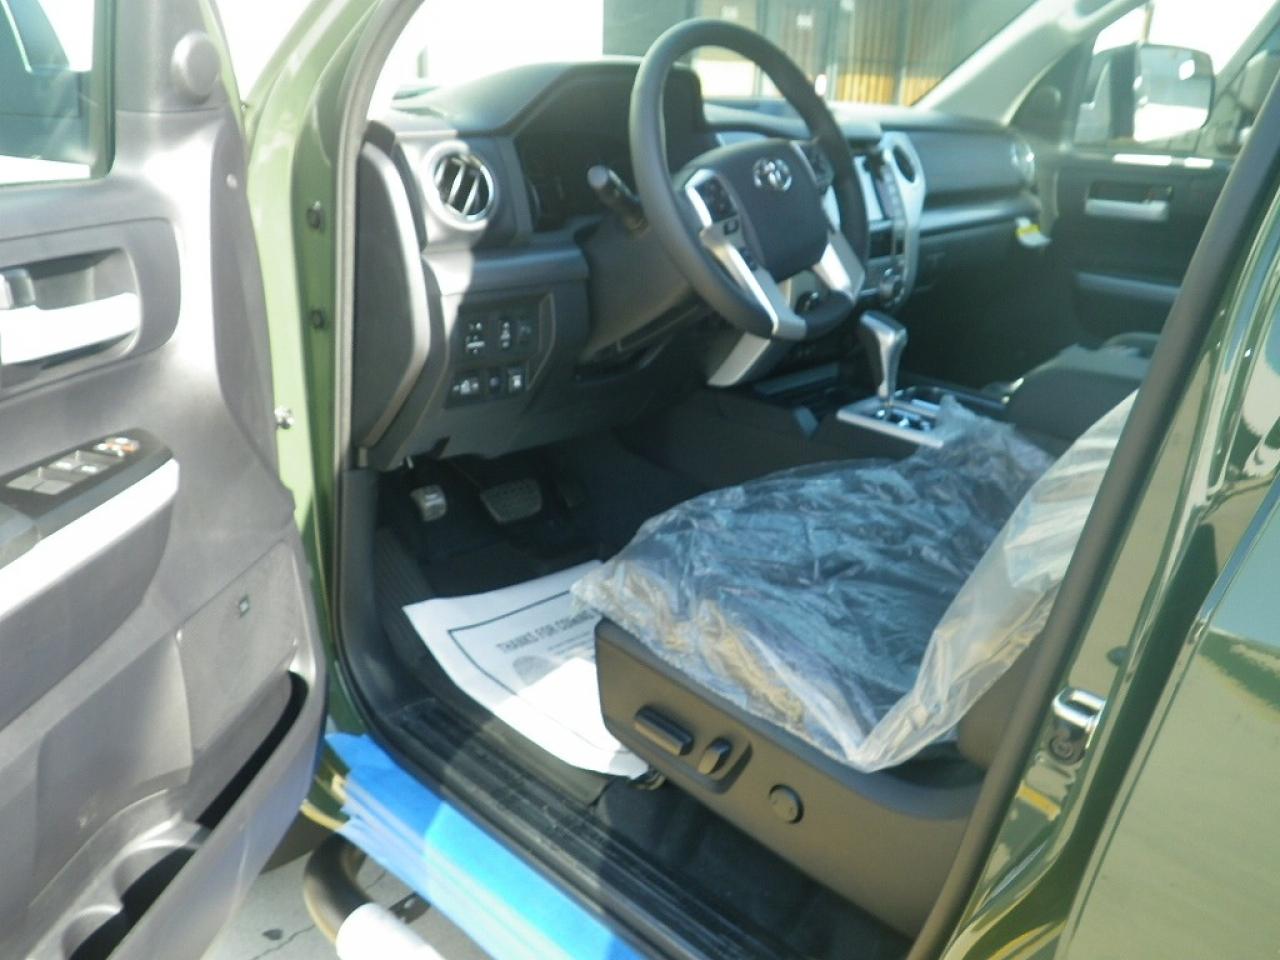 キャプテンシート&フロアシフト 専用内装 5人乗り プッシュスタート&スマートキー JBLサウンド 運転席・助手席パワーシート シートヒーター 純正オーディオ(AppleCarPlay対応)